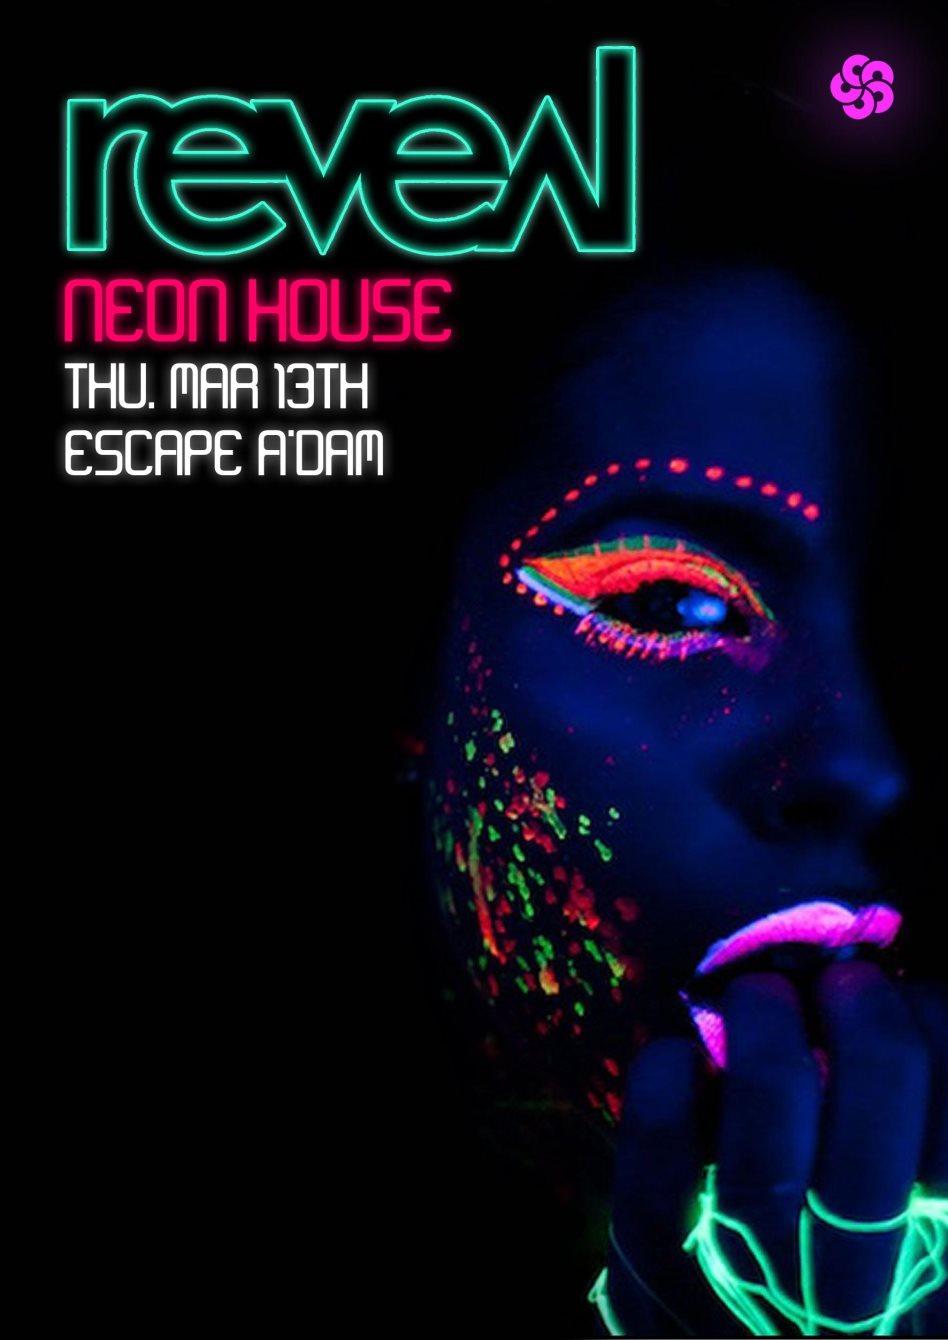 Neon Party Invitation was best invitation design